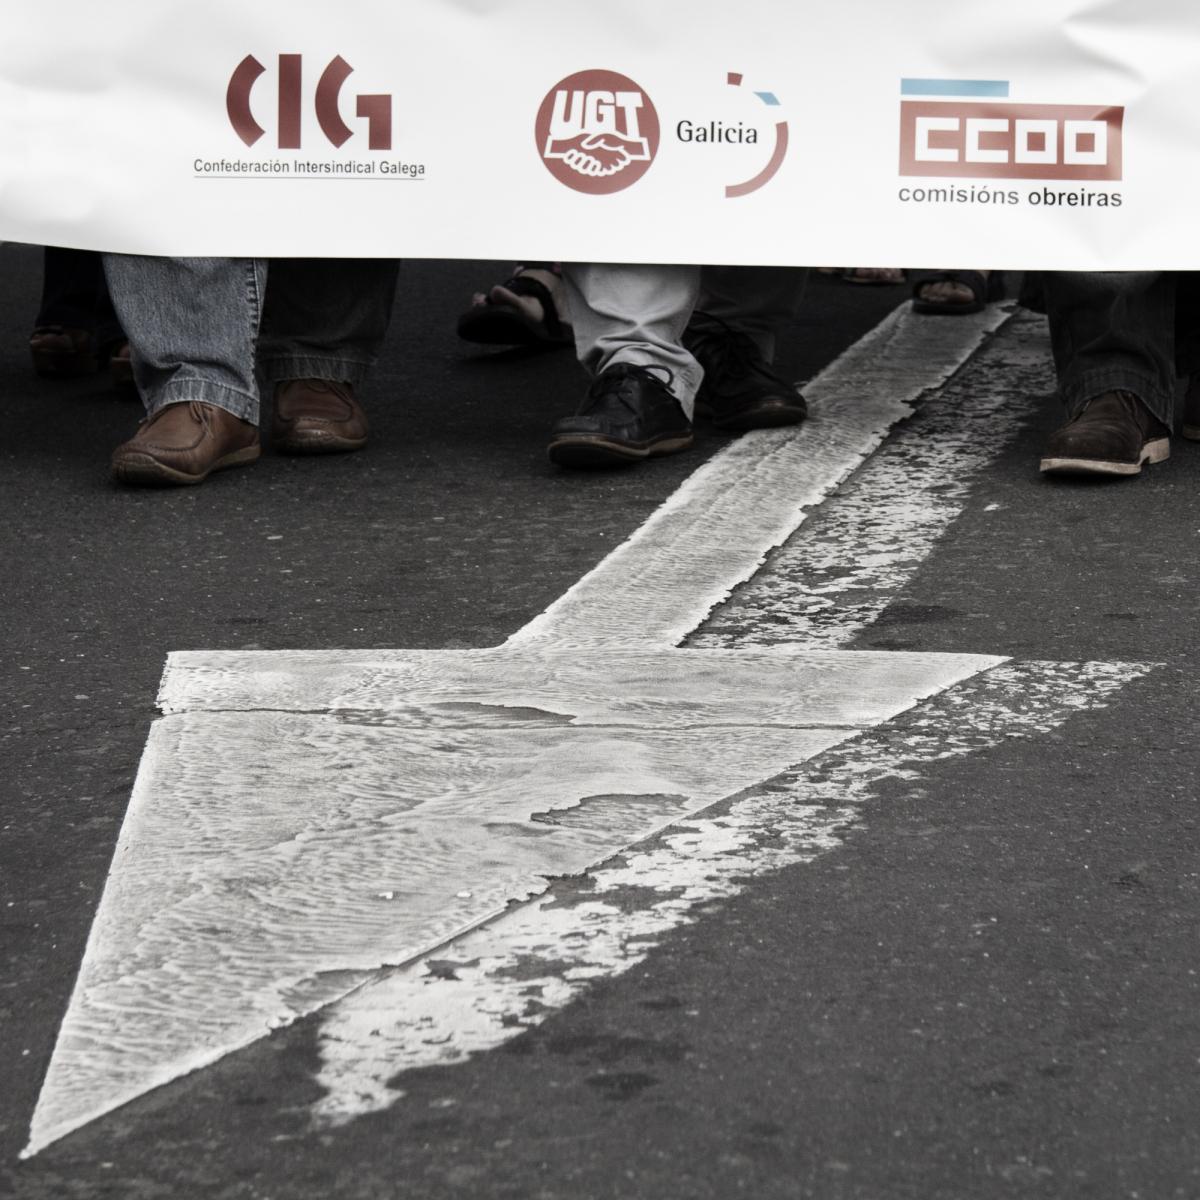 Manifestación do 19 de xullo na Coruña